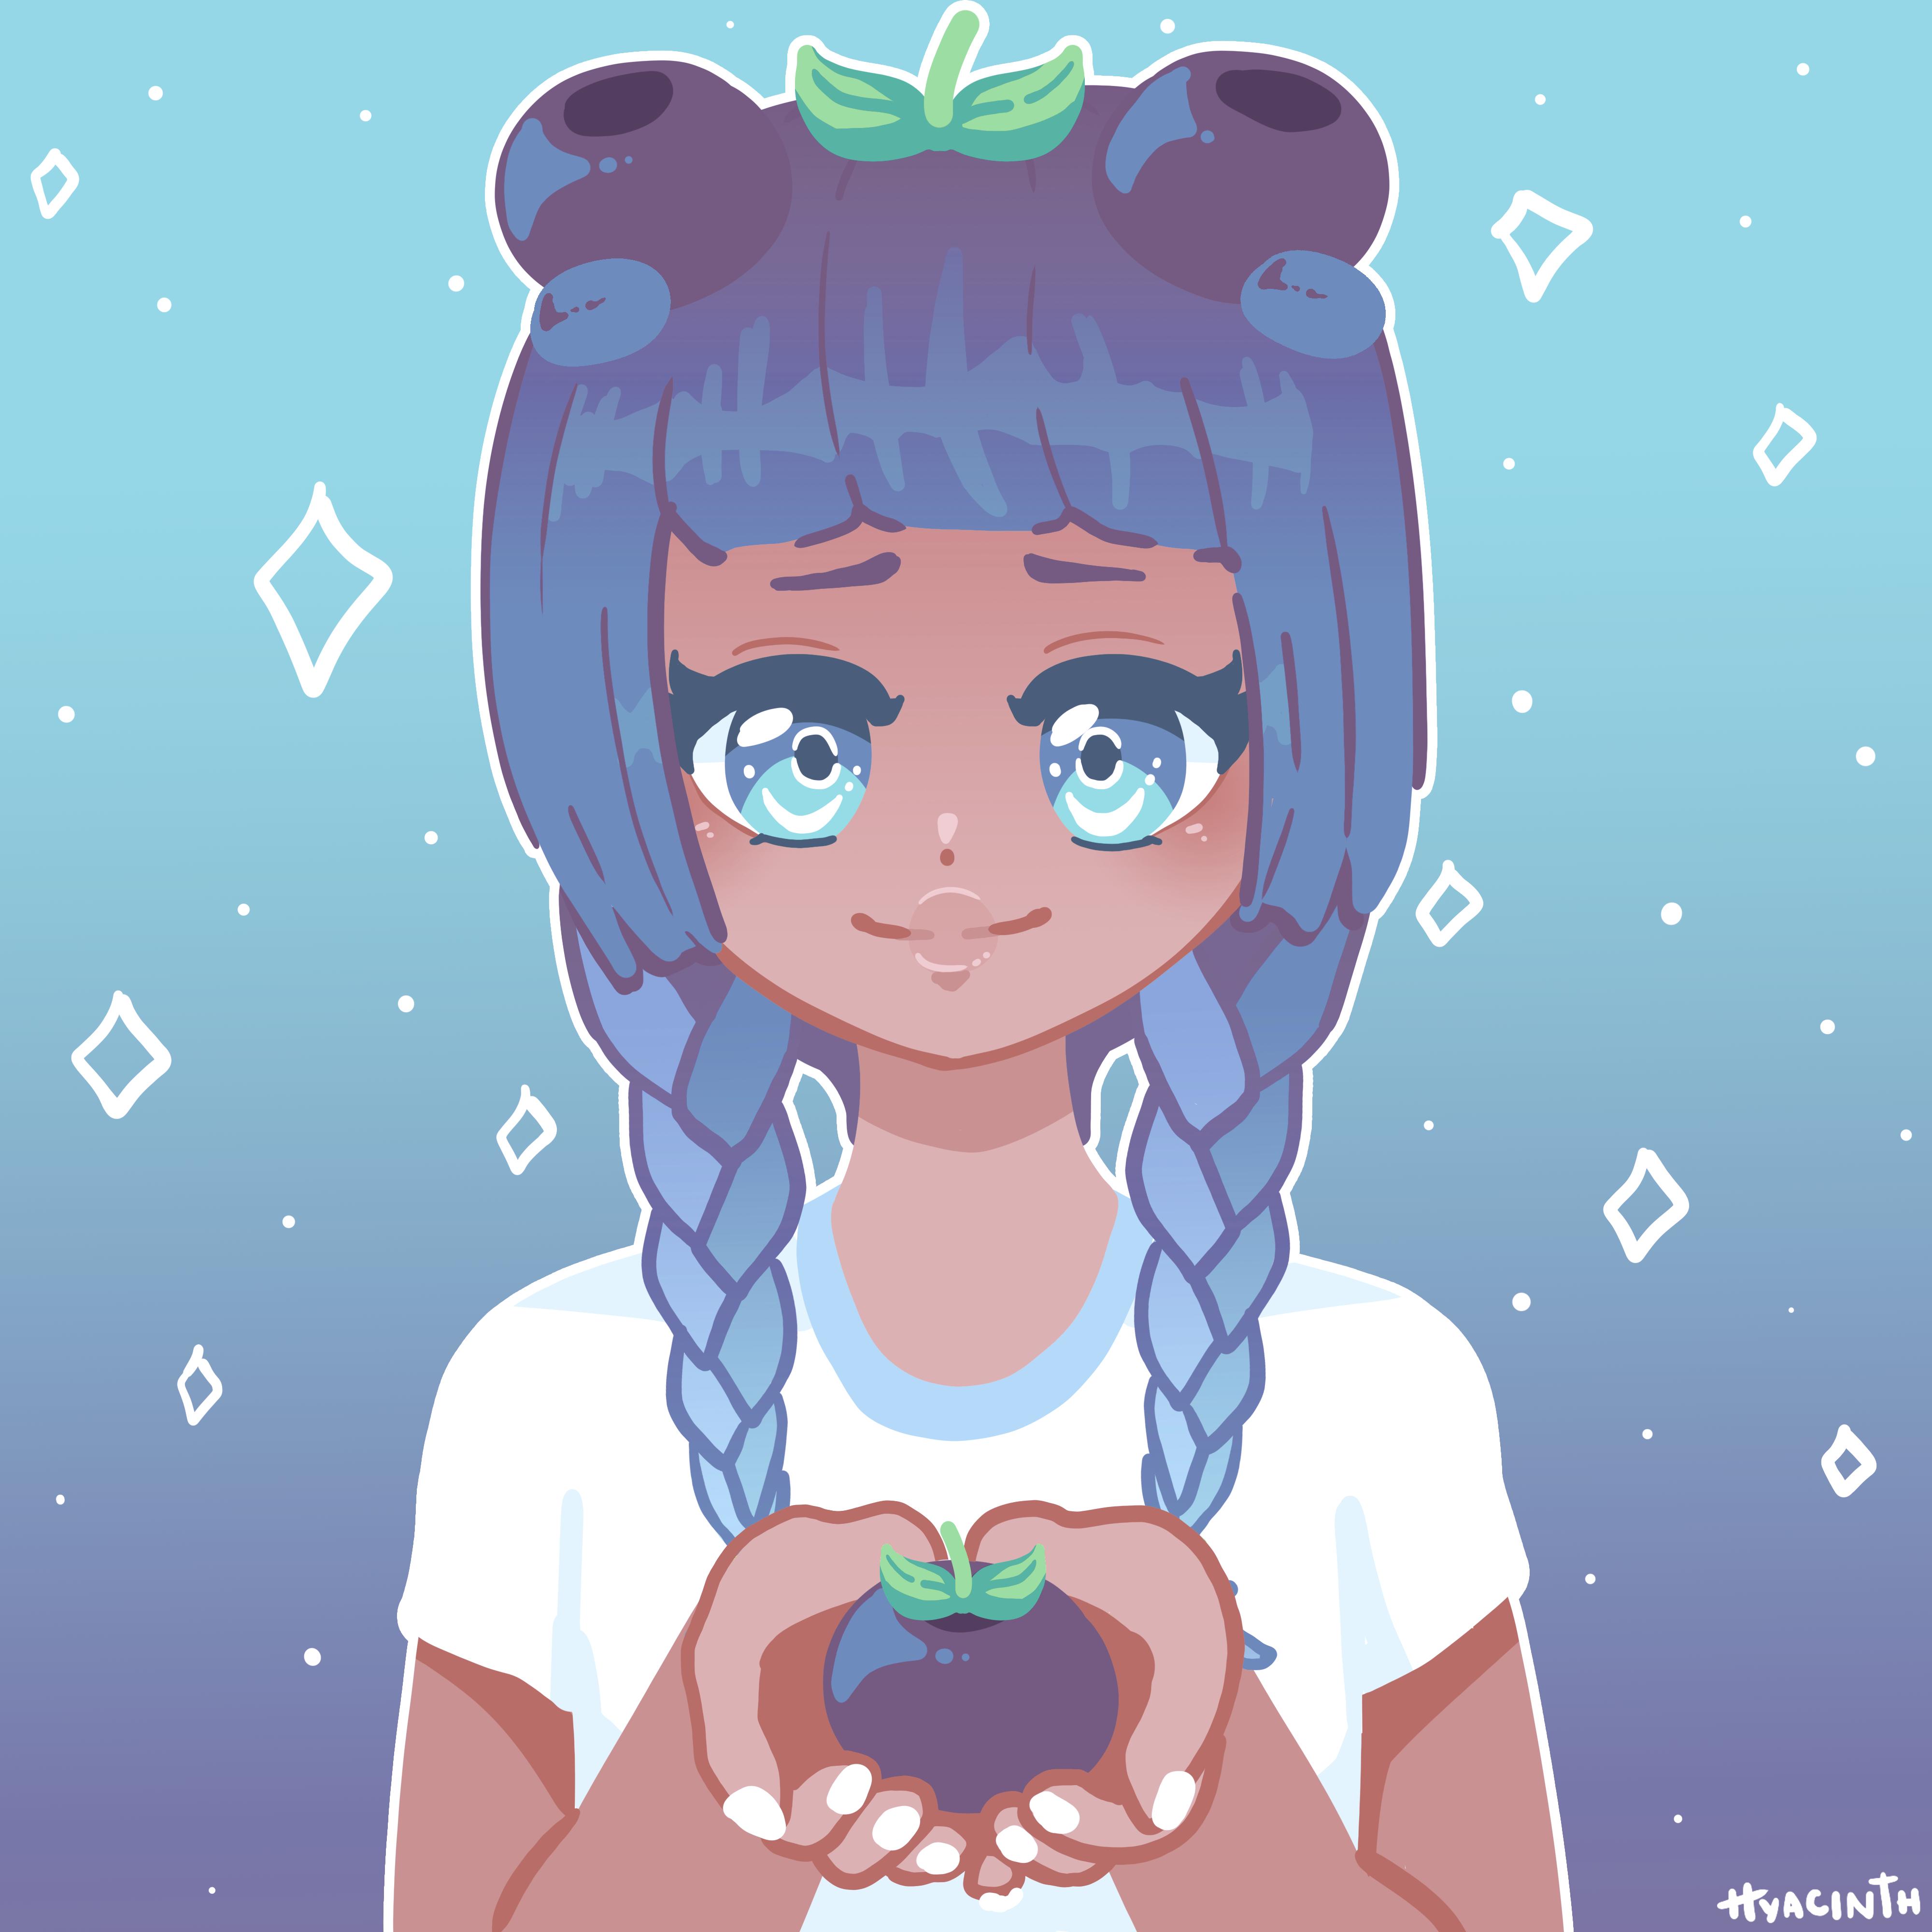 blueberry_dtiys.png